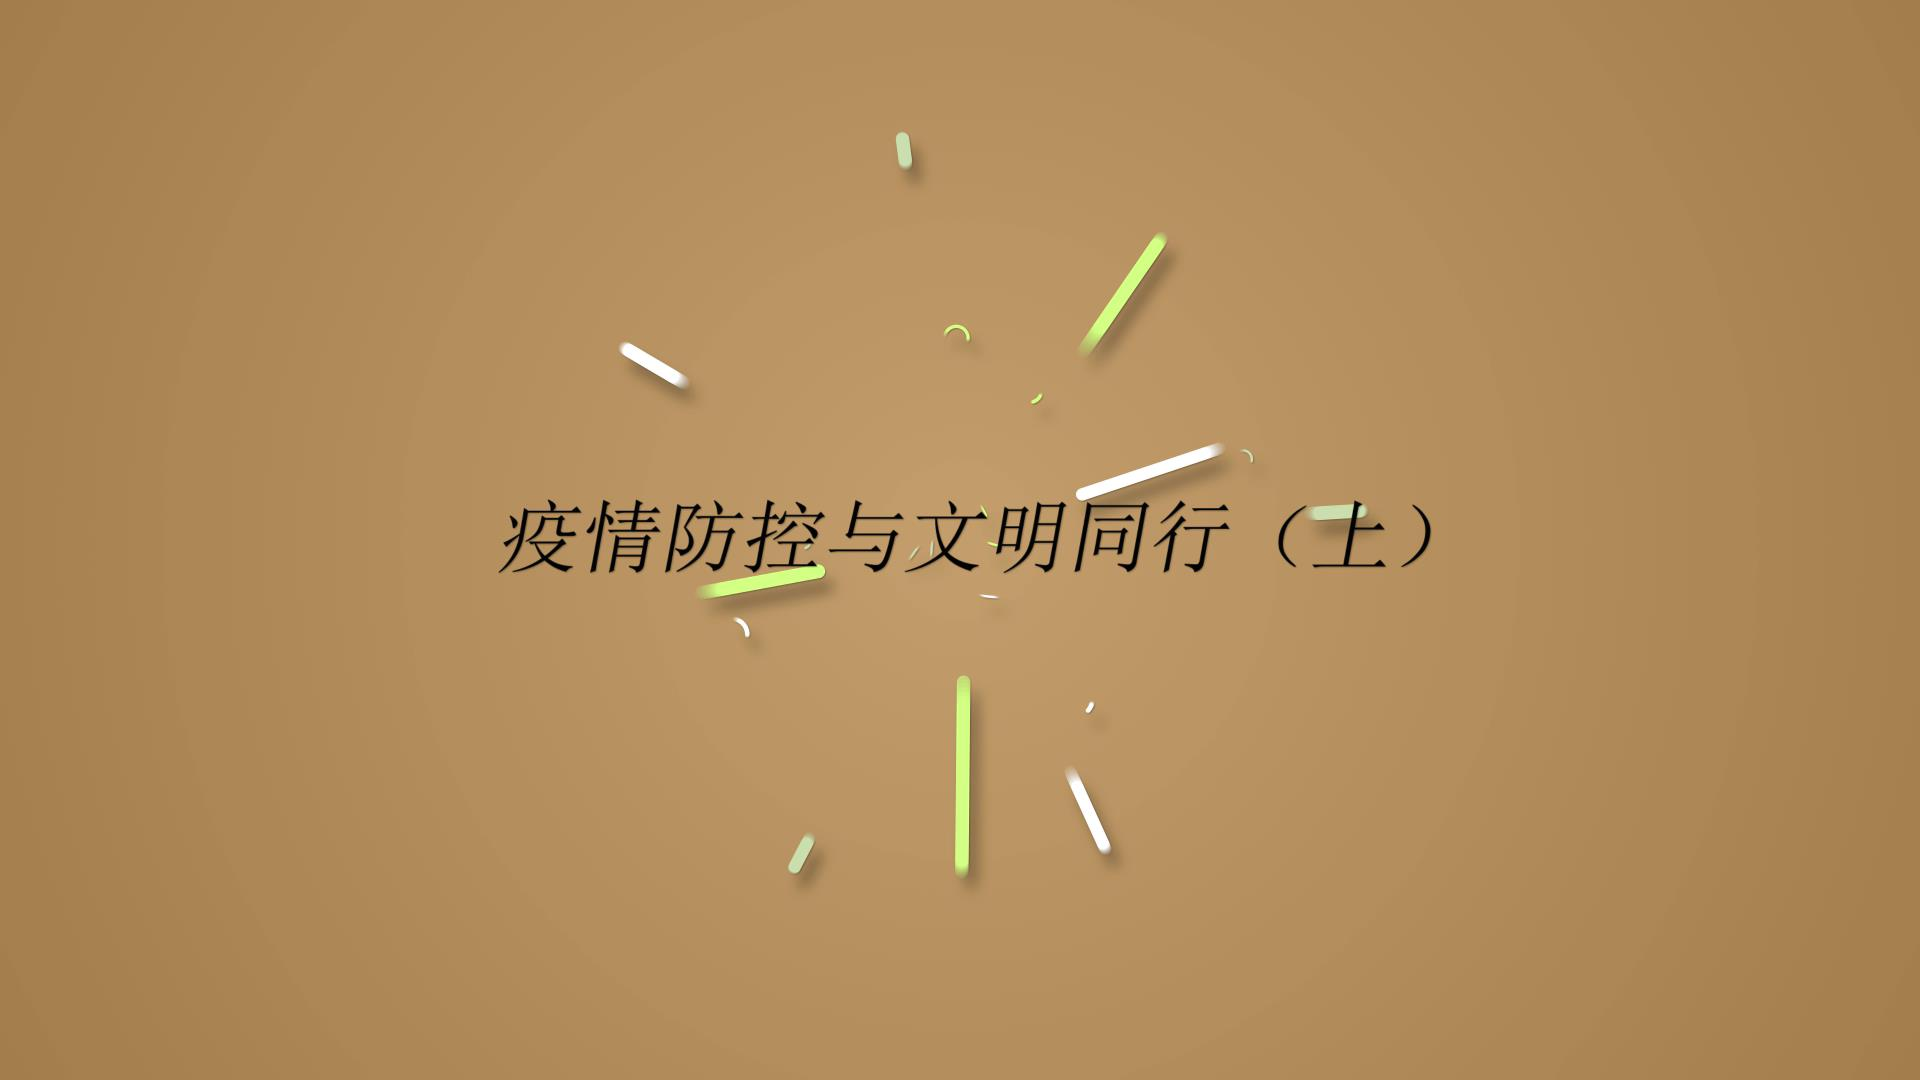 疫情防控与文明同行(上)[封面图].jpg